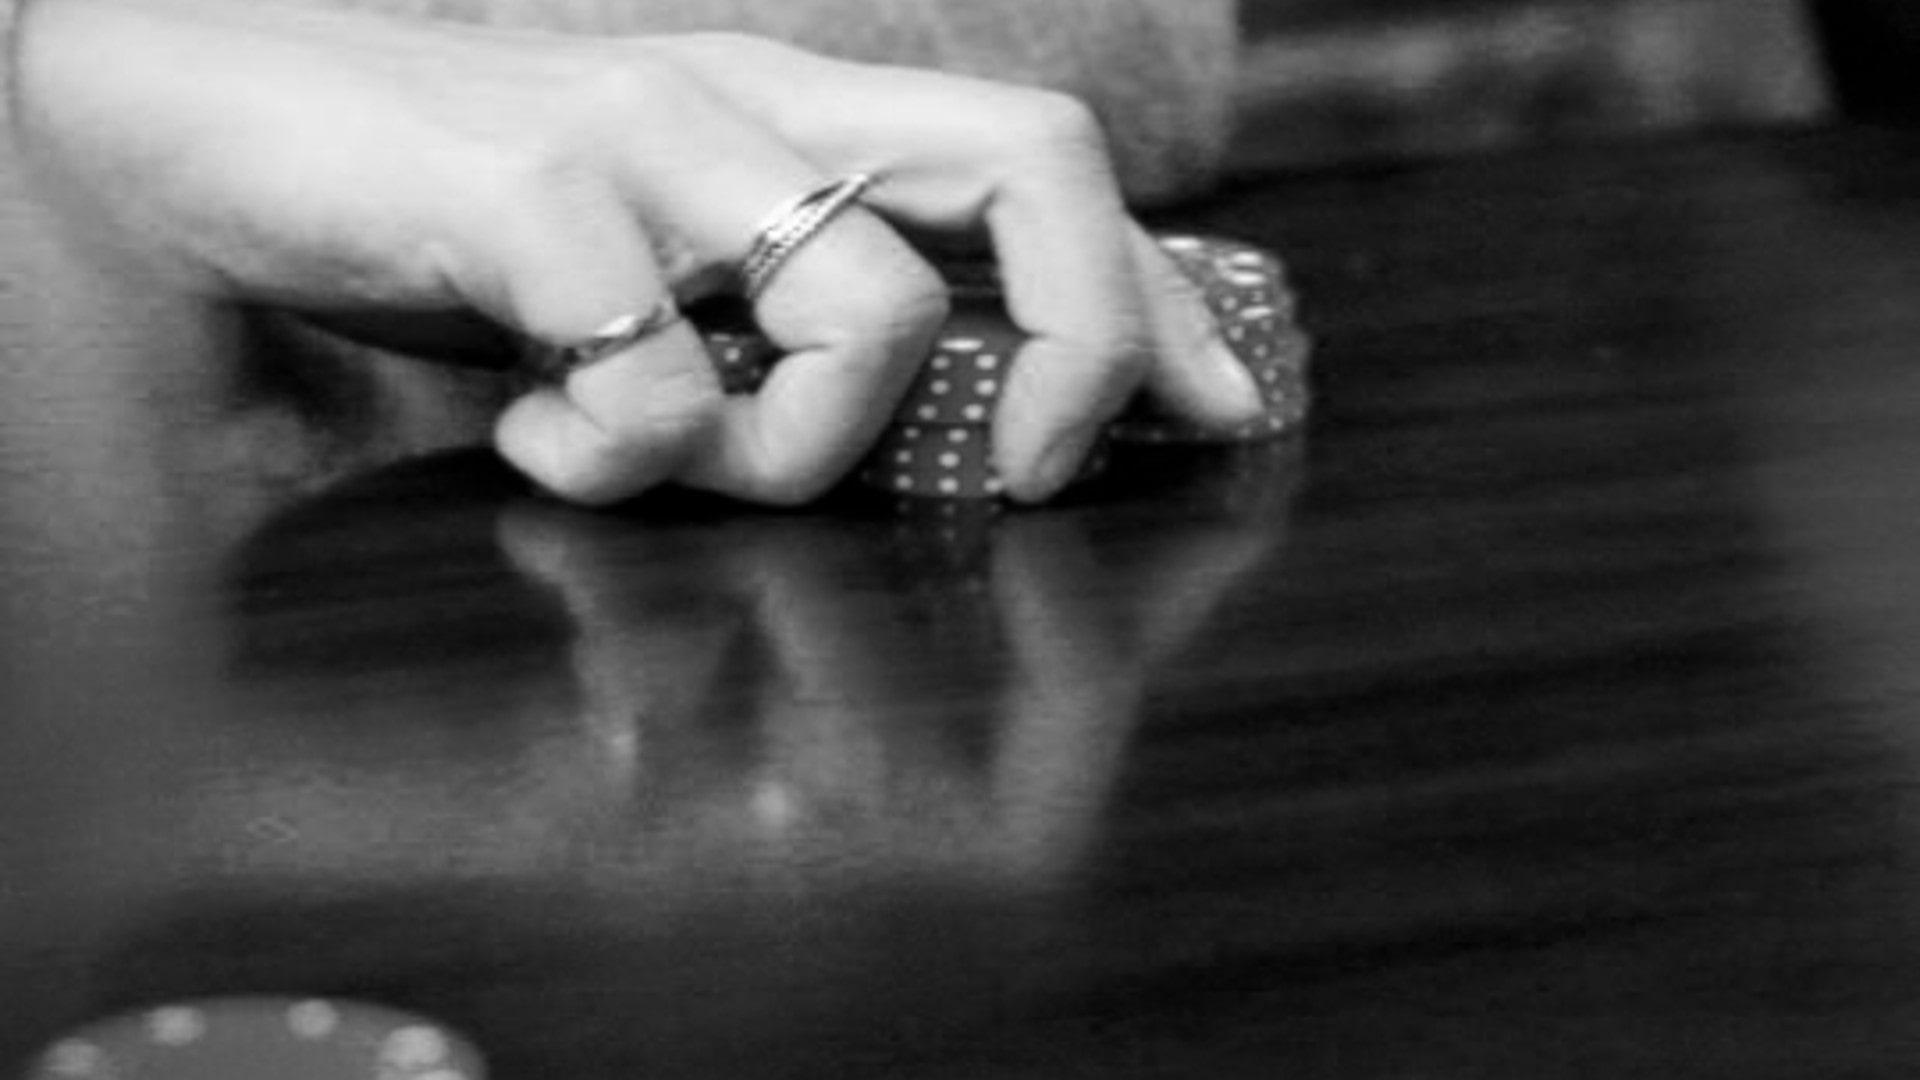 Il gioco d'azzardo: quando diventa una dipendenza | Centro Psicologia Insieme Milano